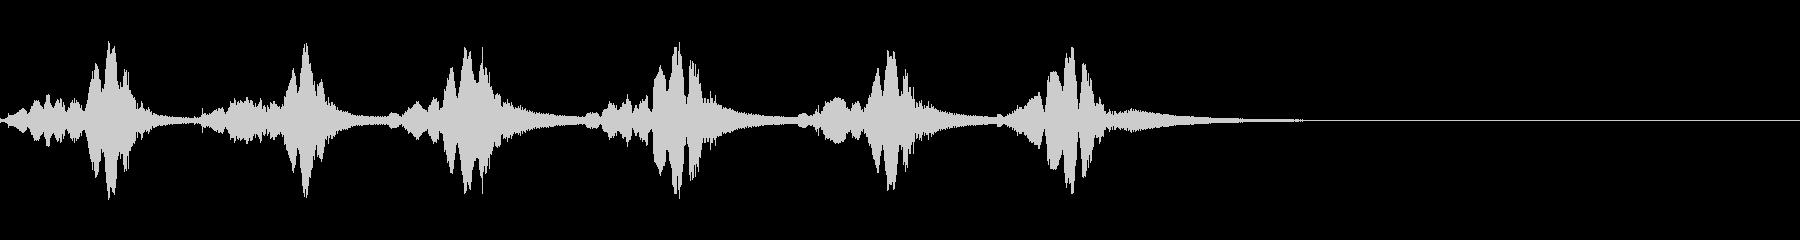 KANTピヨピヨ自主規制音7shortの未再生の波形